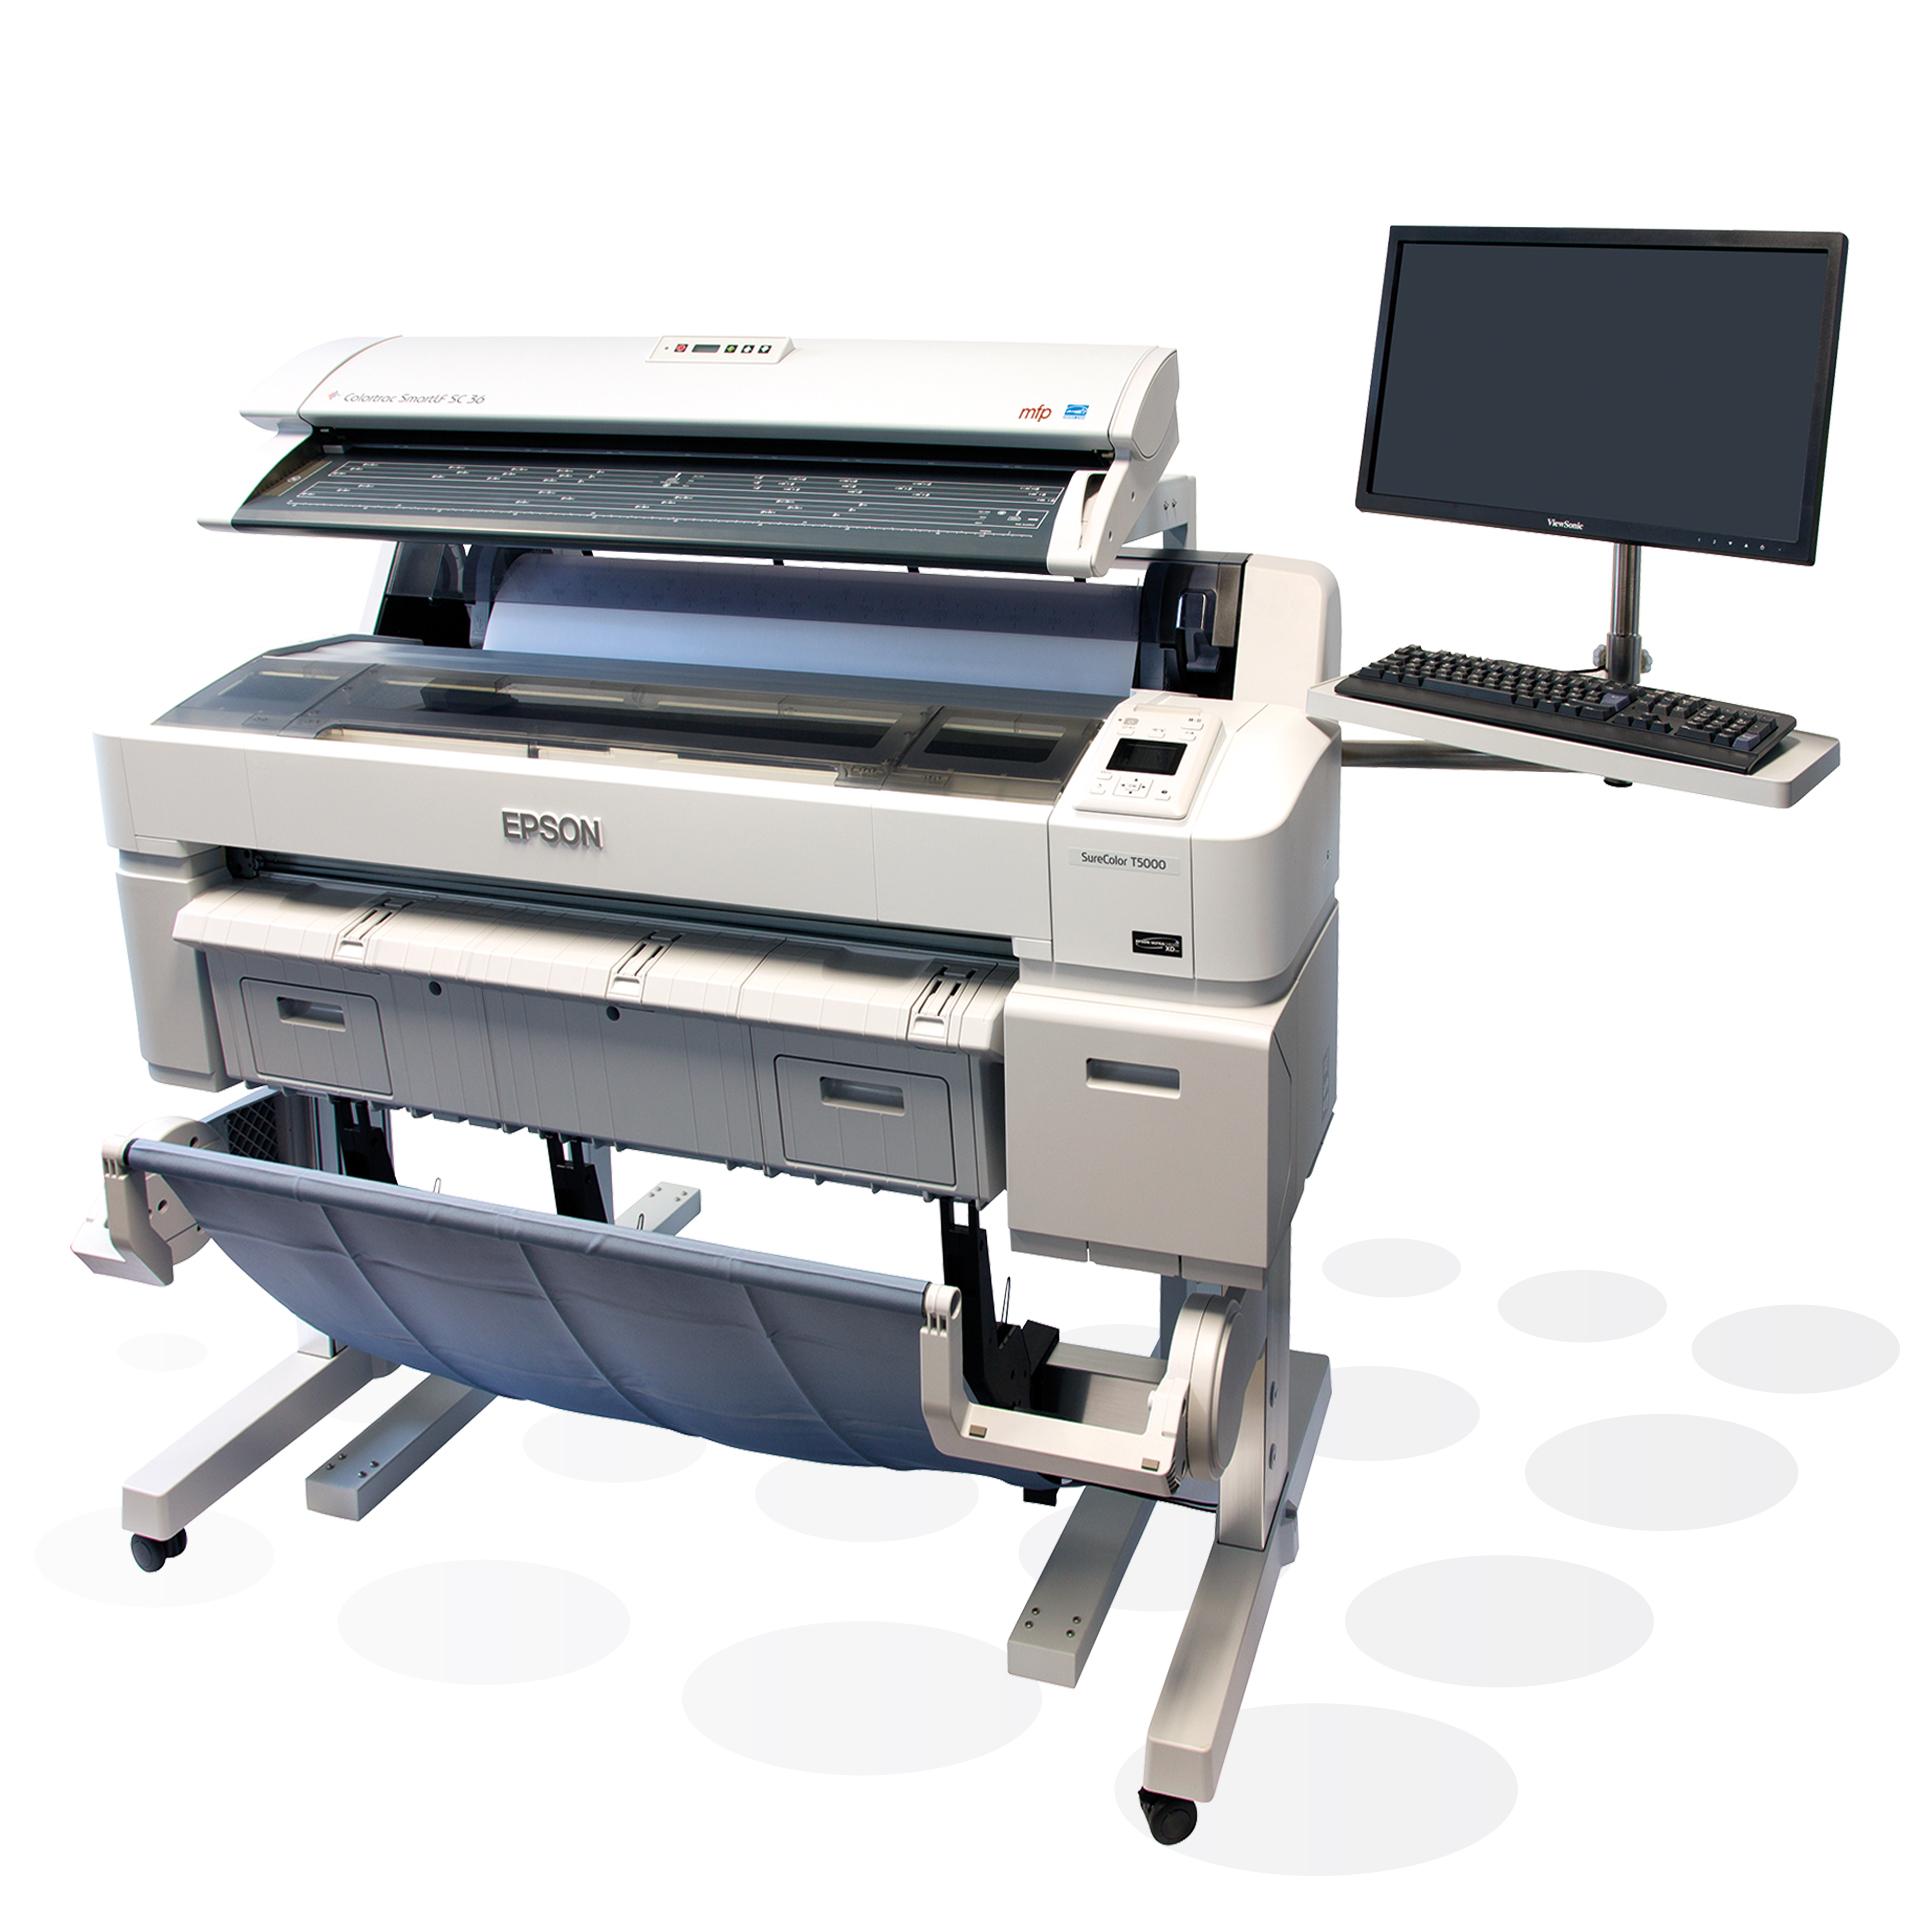 Colortrac SmartLF SC 36 MFP Kombination mit Epson Plottern